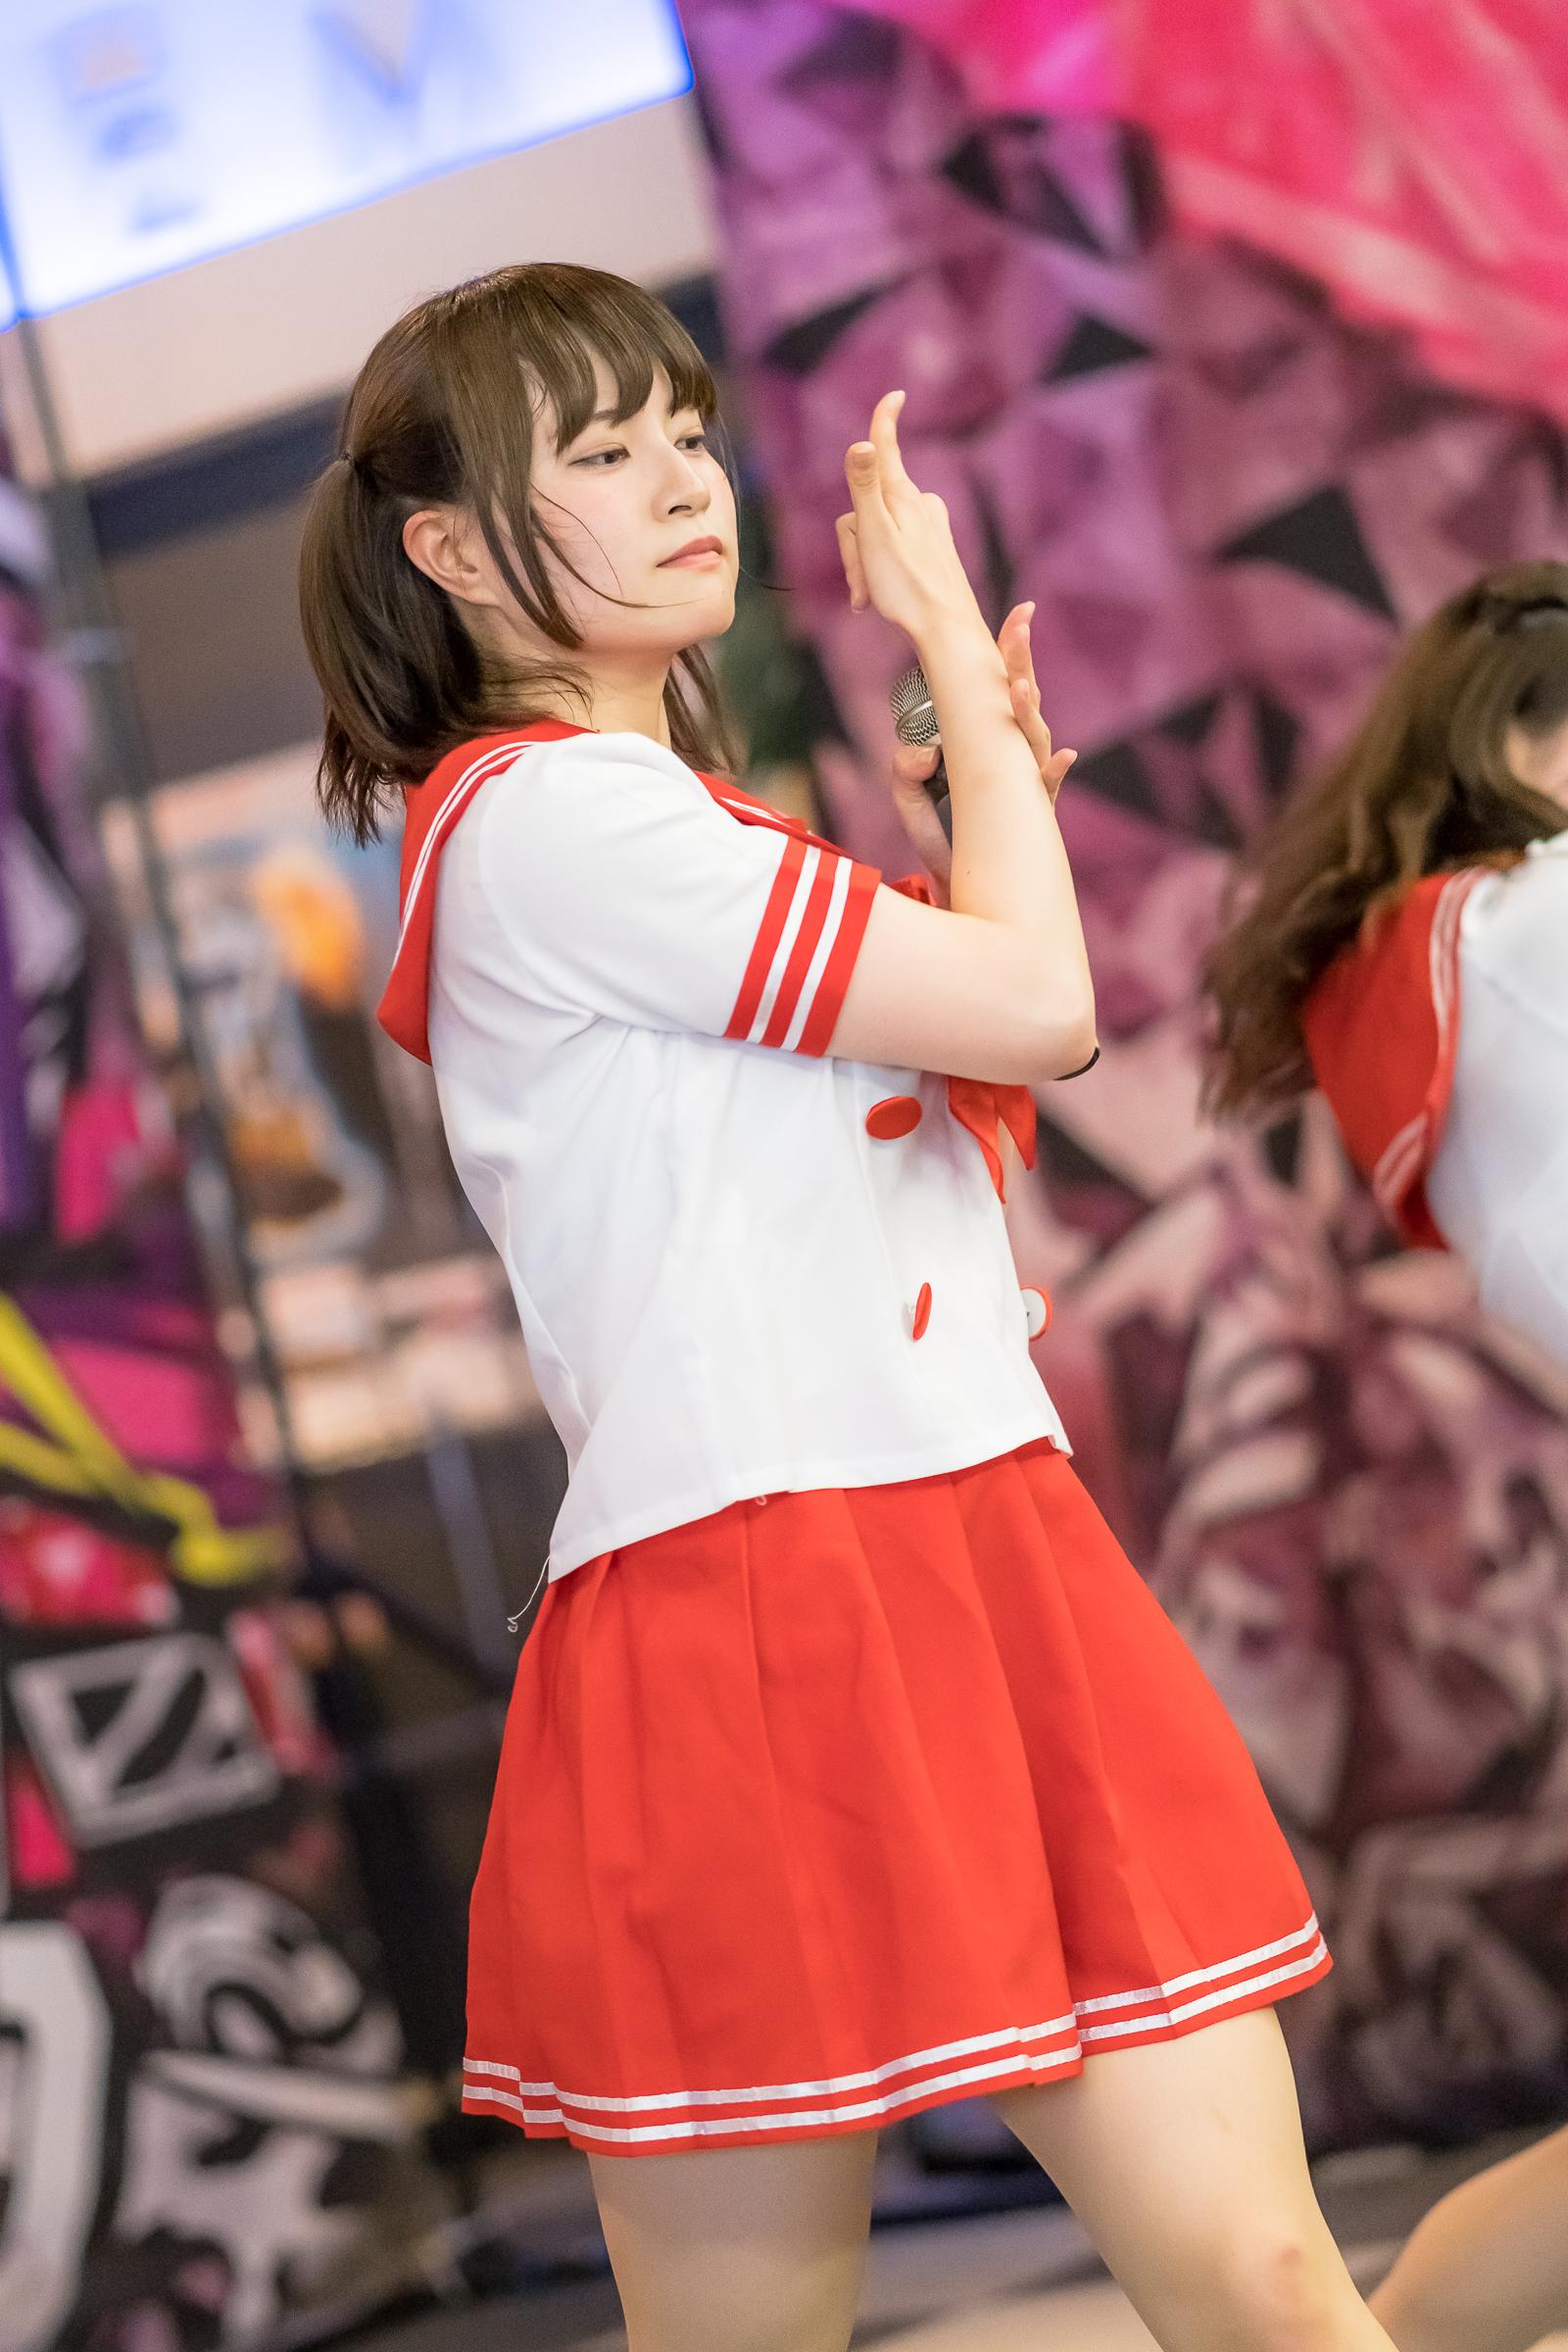 2代目HAPPY少女♪ あゆみ ( 新谷亜由美 ) | ディノスパーク×ライブプロ マンスリーLIVE vol.8